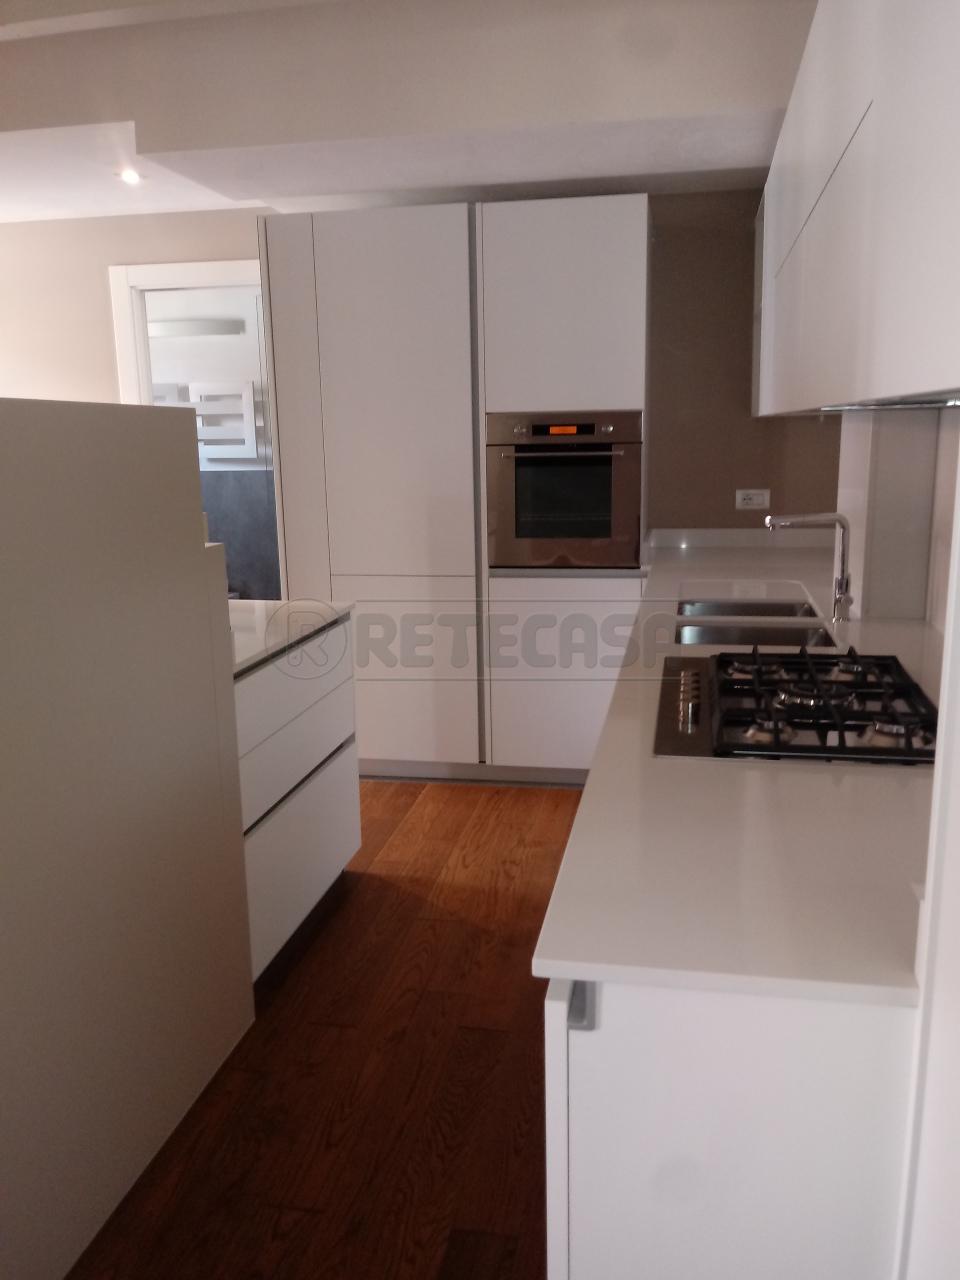 Appartamento - Duplex a Bergamo